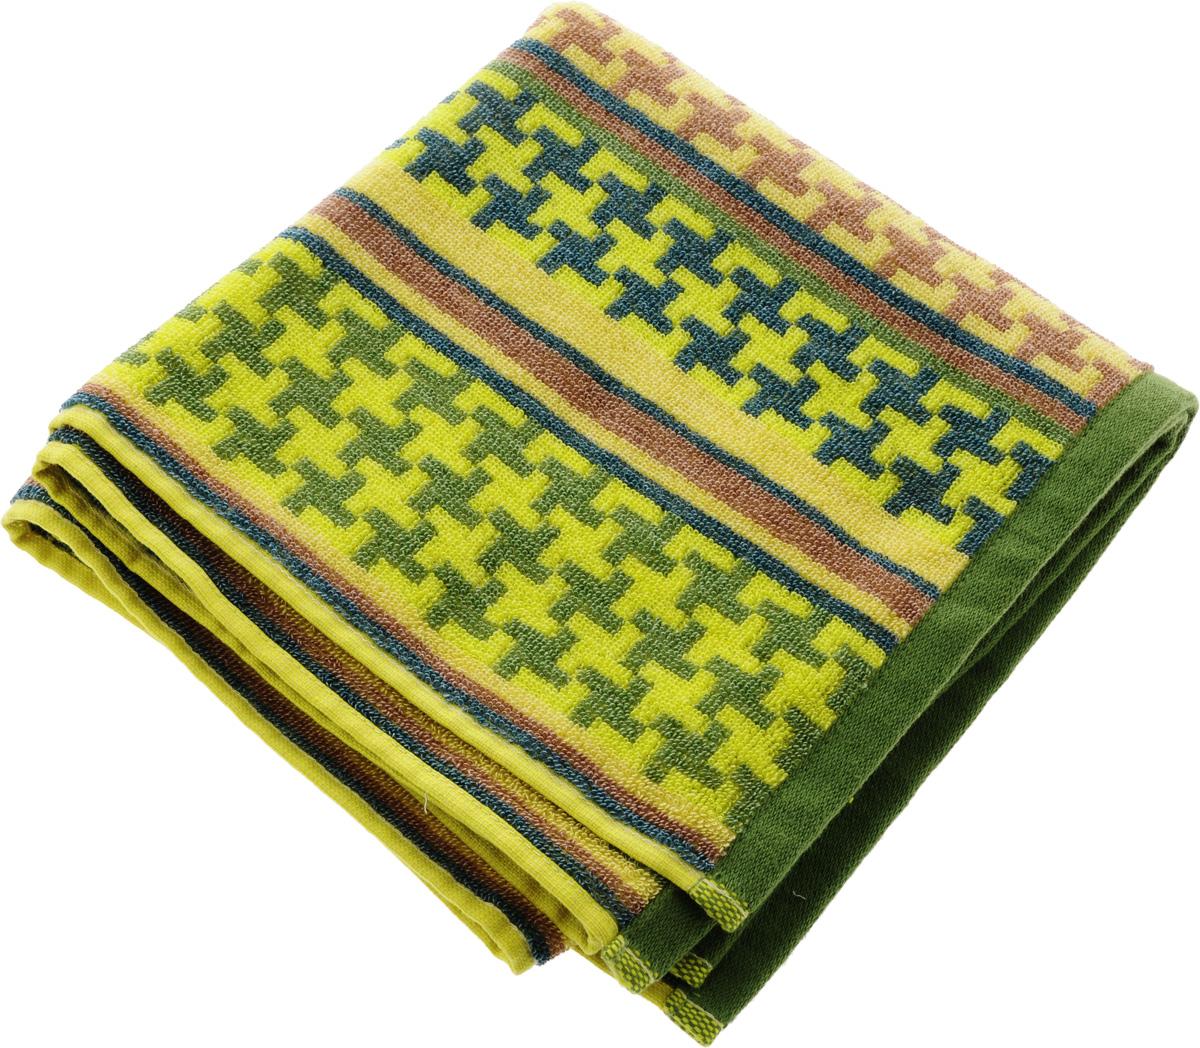 Полотенце Soavita Азарт, цвет: желтый, зеленый, коричневый, 50 х 90 см68/5/1Полотенце Soavita Азарт выполнено из 100% хлопка. Изделие отлично впитывает влагу, быстро сохнет, сохраняет яркость цвета и не теряет форму даже после многократных стирок. Полотенце очень практично и неприхотливо в уходе. Оно создаст прекрасное настроение и украсит интерьер.